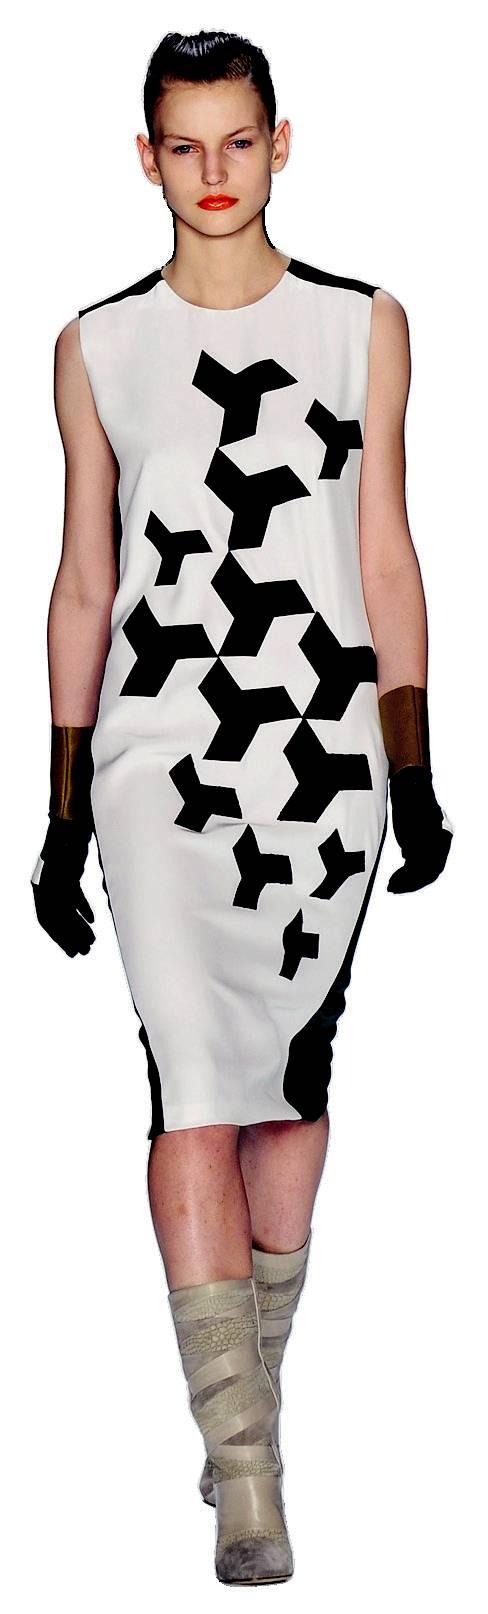 3. NARCISO RODRIGUEZ: Họa tiết hình học đen trắng là sự lựa chọn an toàn nhất cho những người yêu thích thời trang in nhưng còn chưa sẵn sàng mặc các tông màu sặc sỡ. Hãy chọn những mẫu thiết kế in đơn giản, khỏe khoắn và lạ mắt như của Narciso Rodriguez.